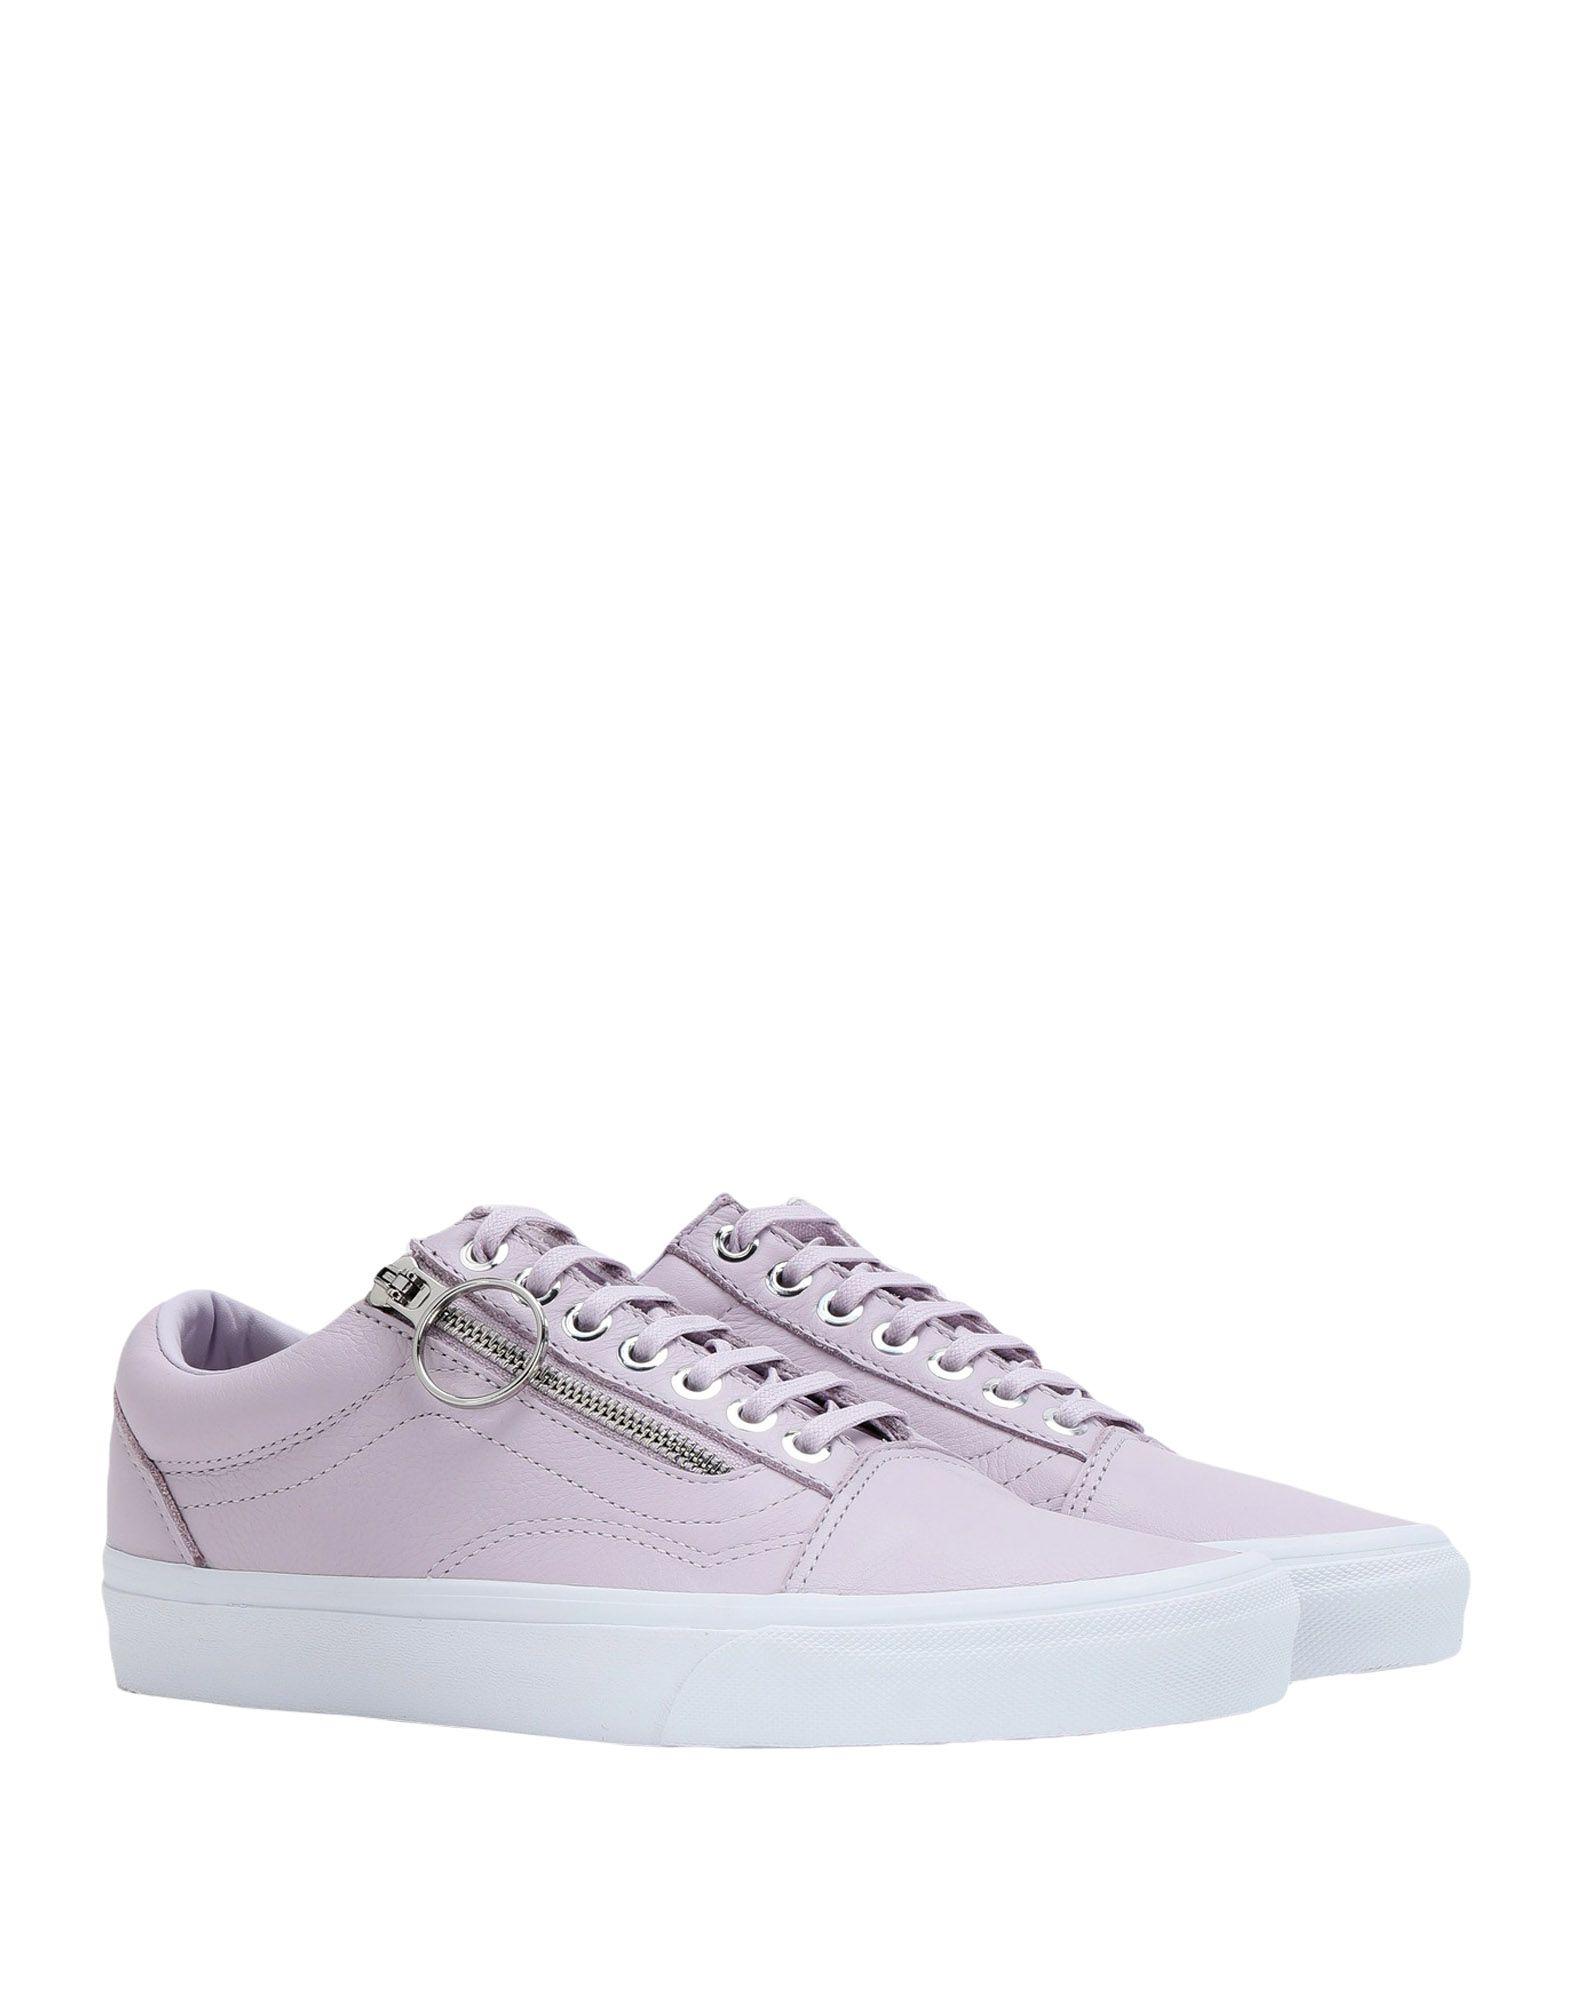 Vans Sneakers Damen  beliebte 11595214LV Gute Qualität beliebte  Schuhe 4c0d9f